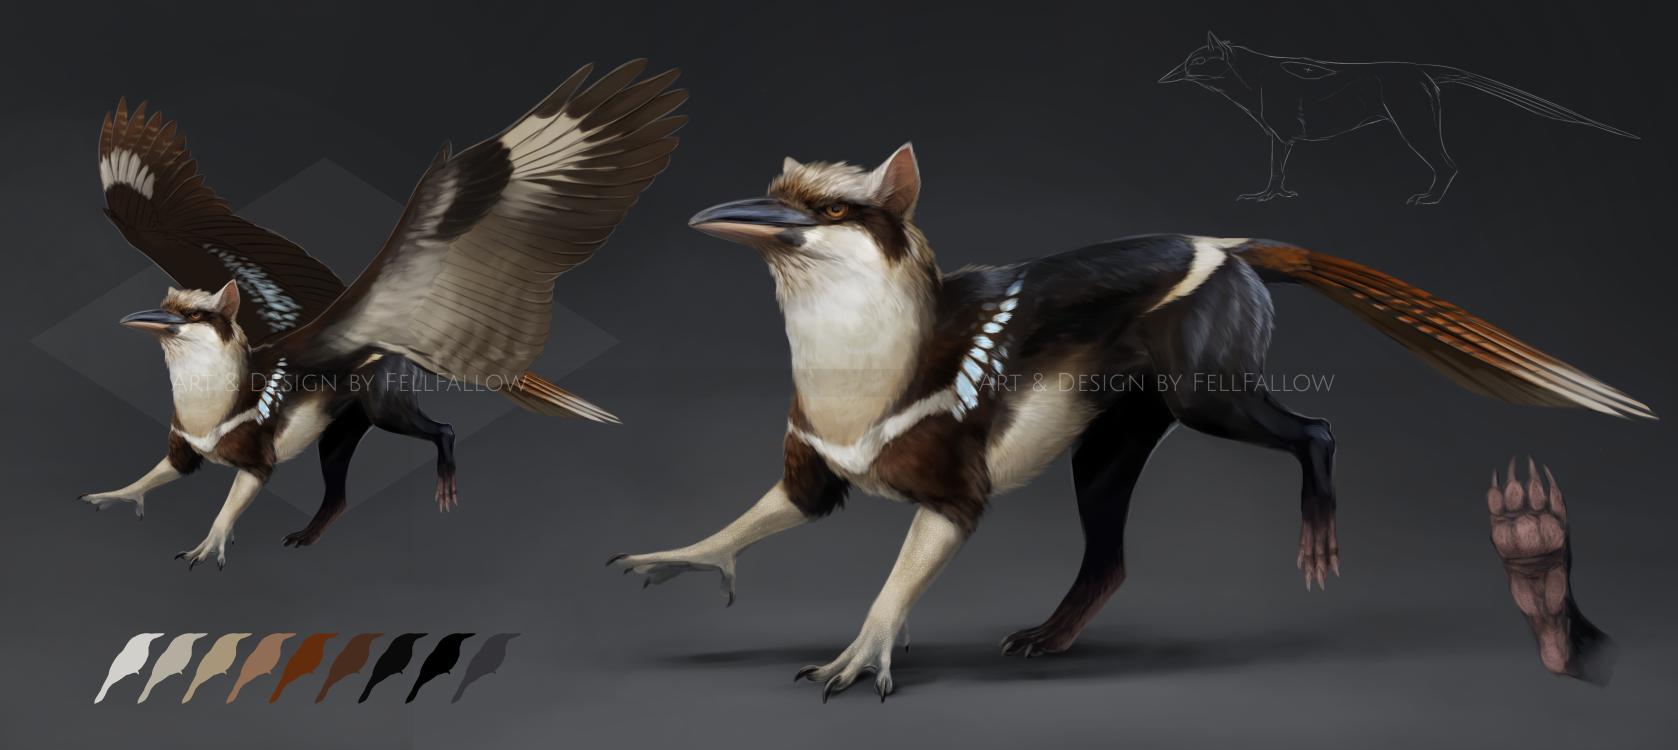 [ CLOSED ] Gryphon: Kookaburra/Tasmanian Devil